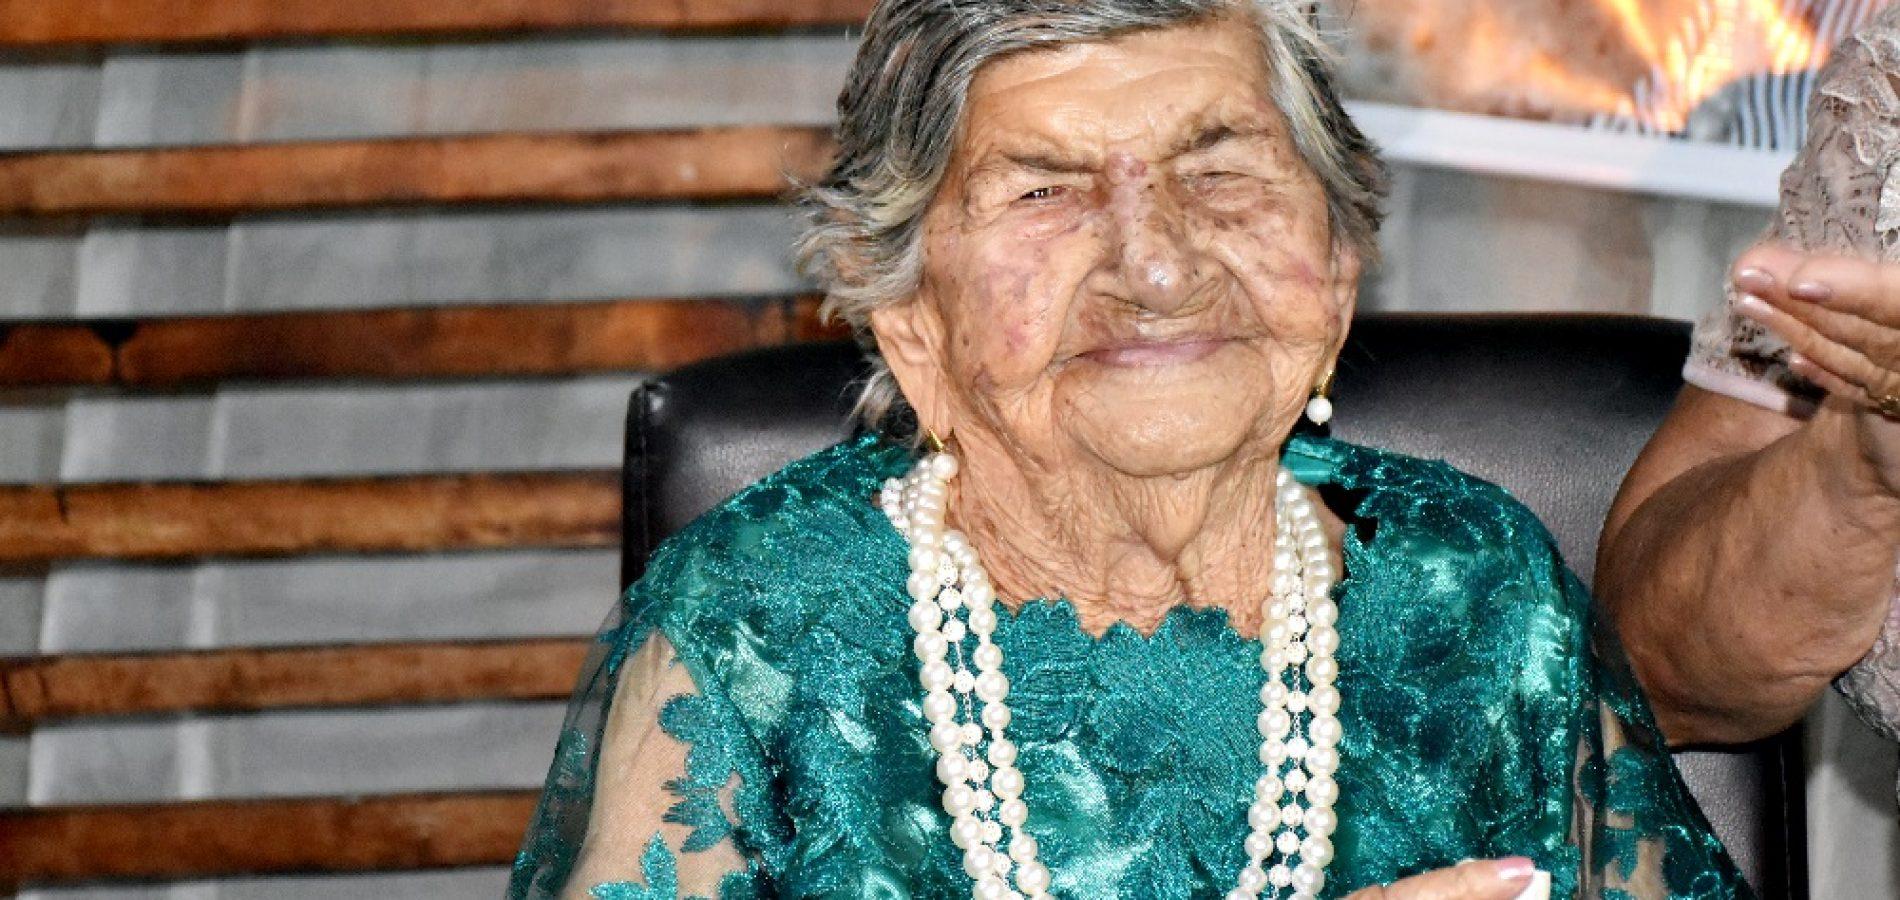 GENTE EM EVIDÊNCIA | Dona Alencar comemora 100 anos com missa e festa em Alegrete do Piauí; fotos